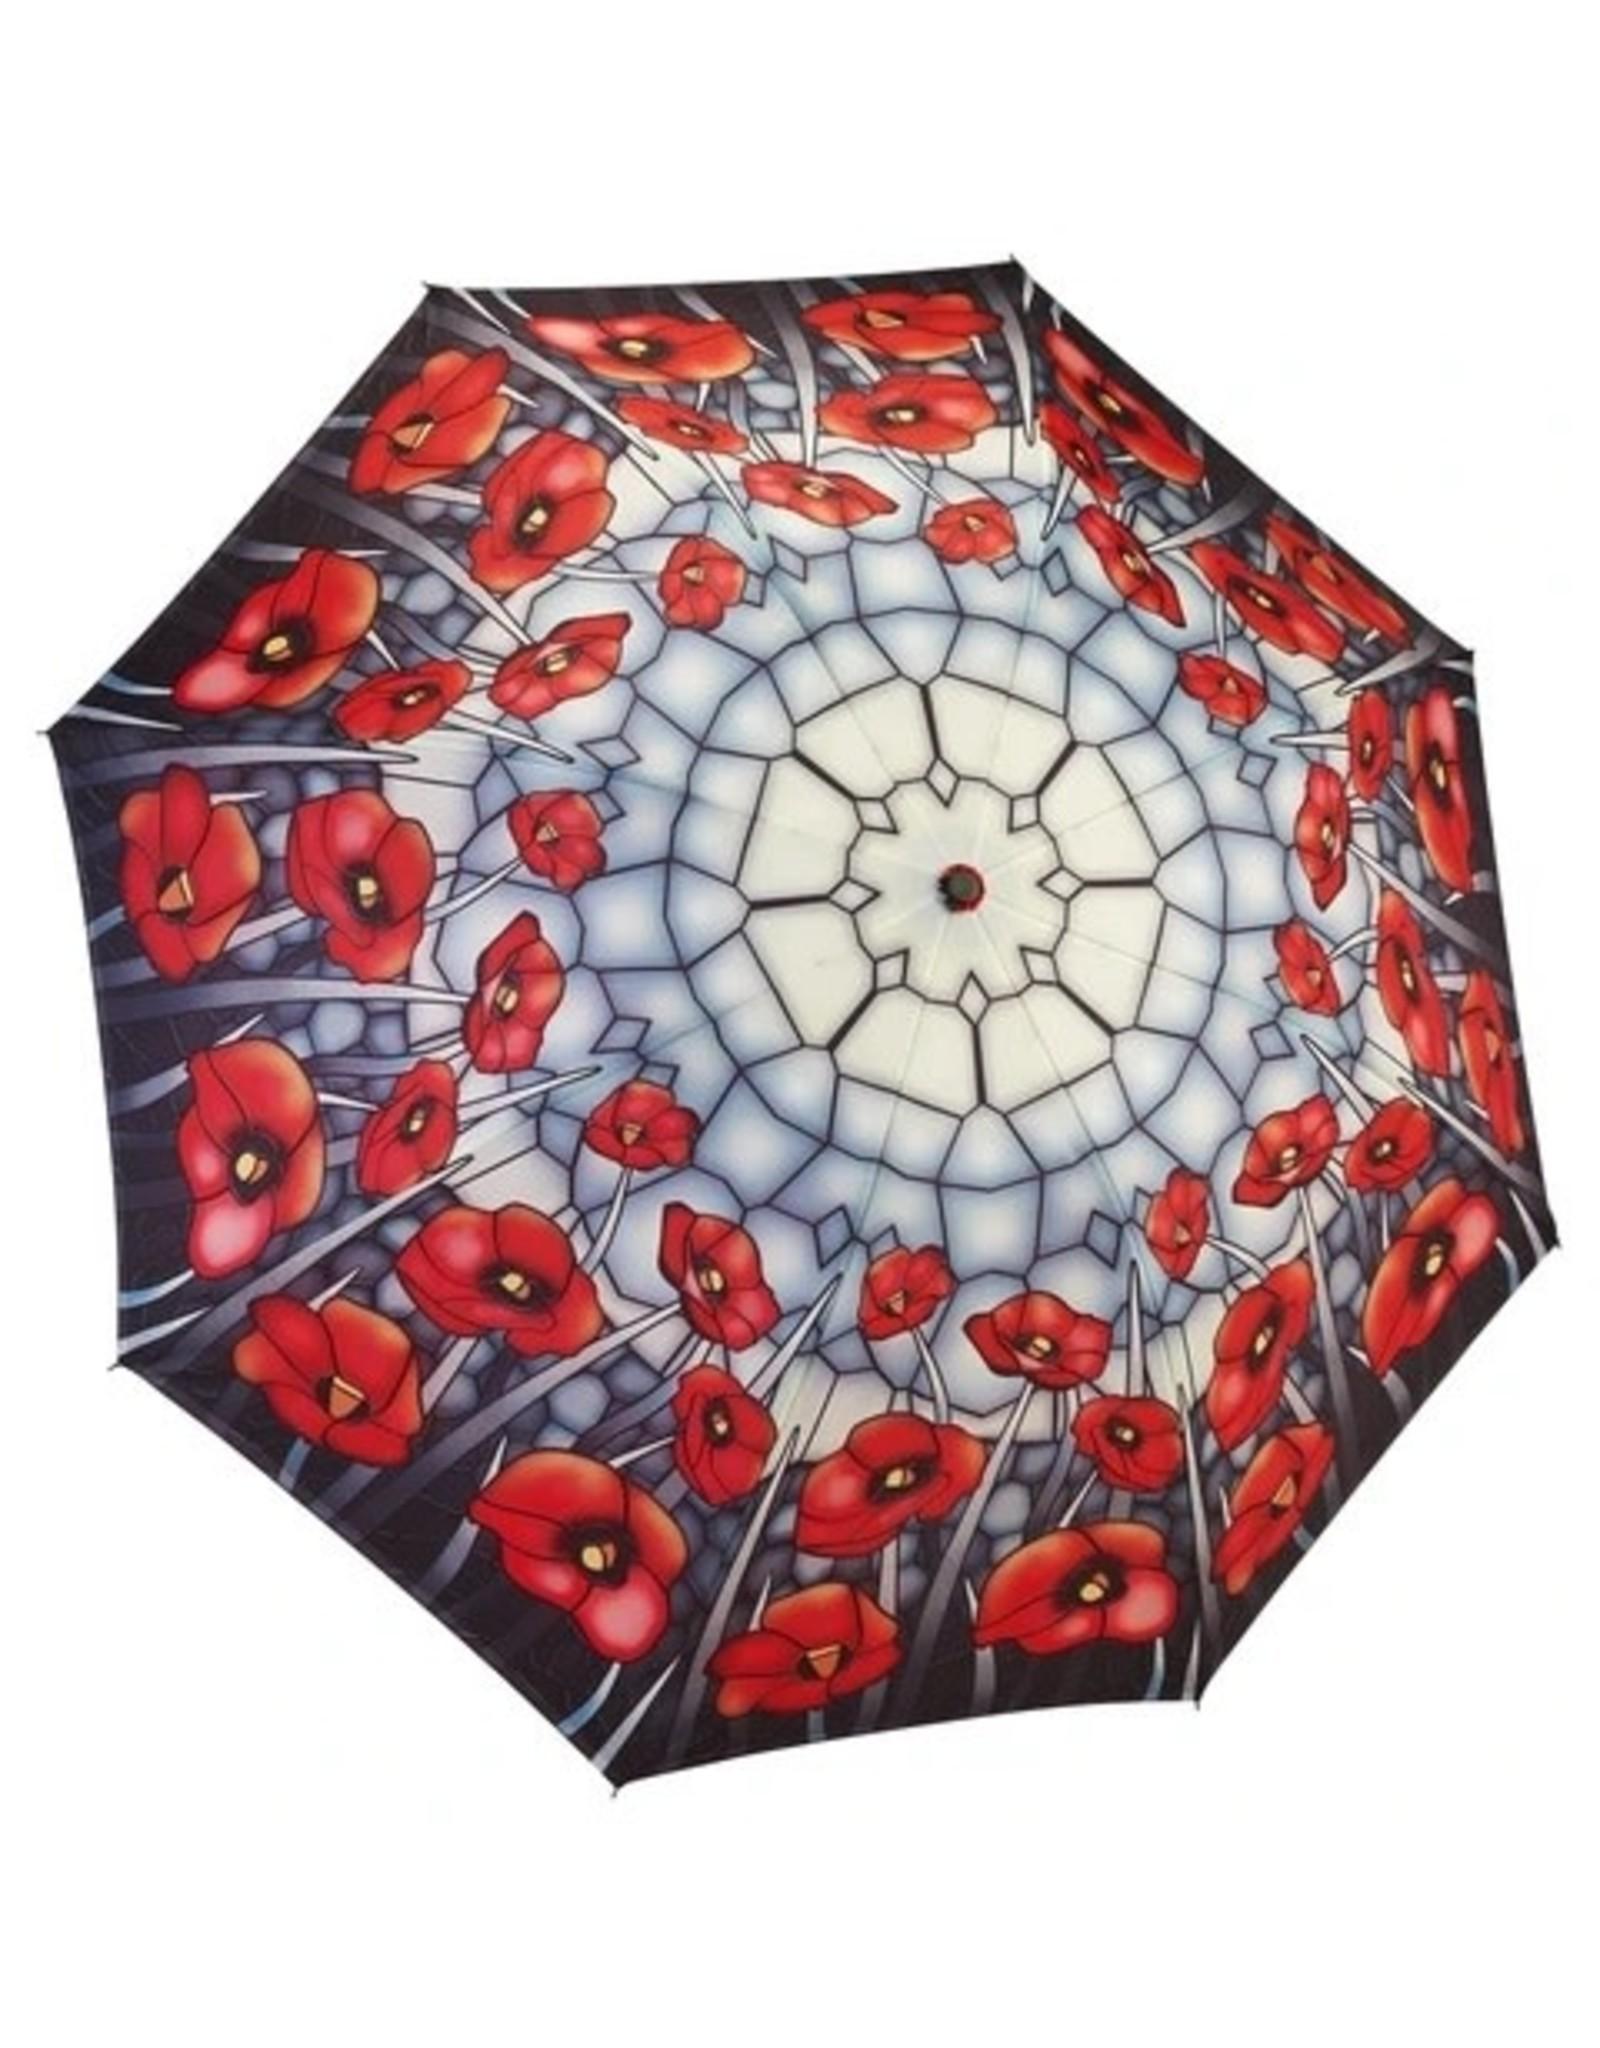 Galleria Auto Open/Close Umbrella